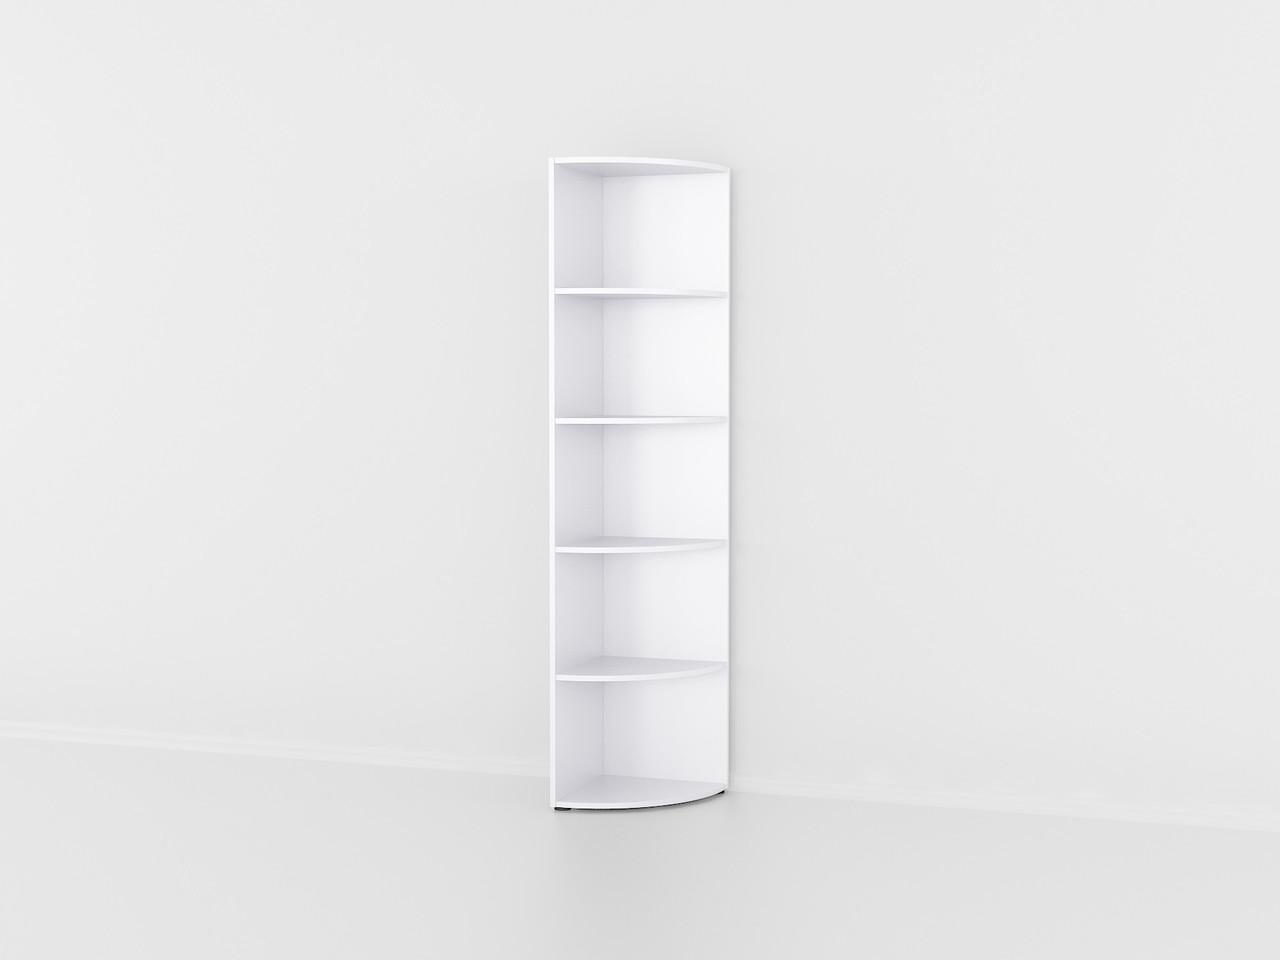 Полиця для книг кутова радіусна підлогова полиця з ДСП. Код: P0029